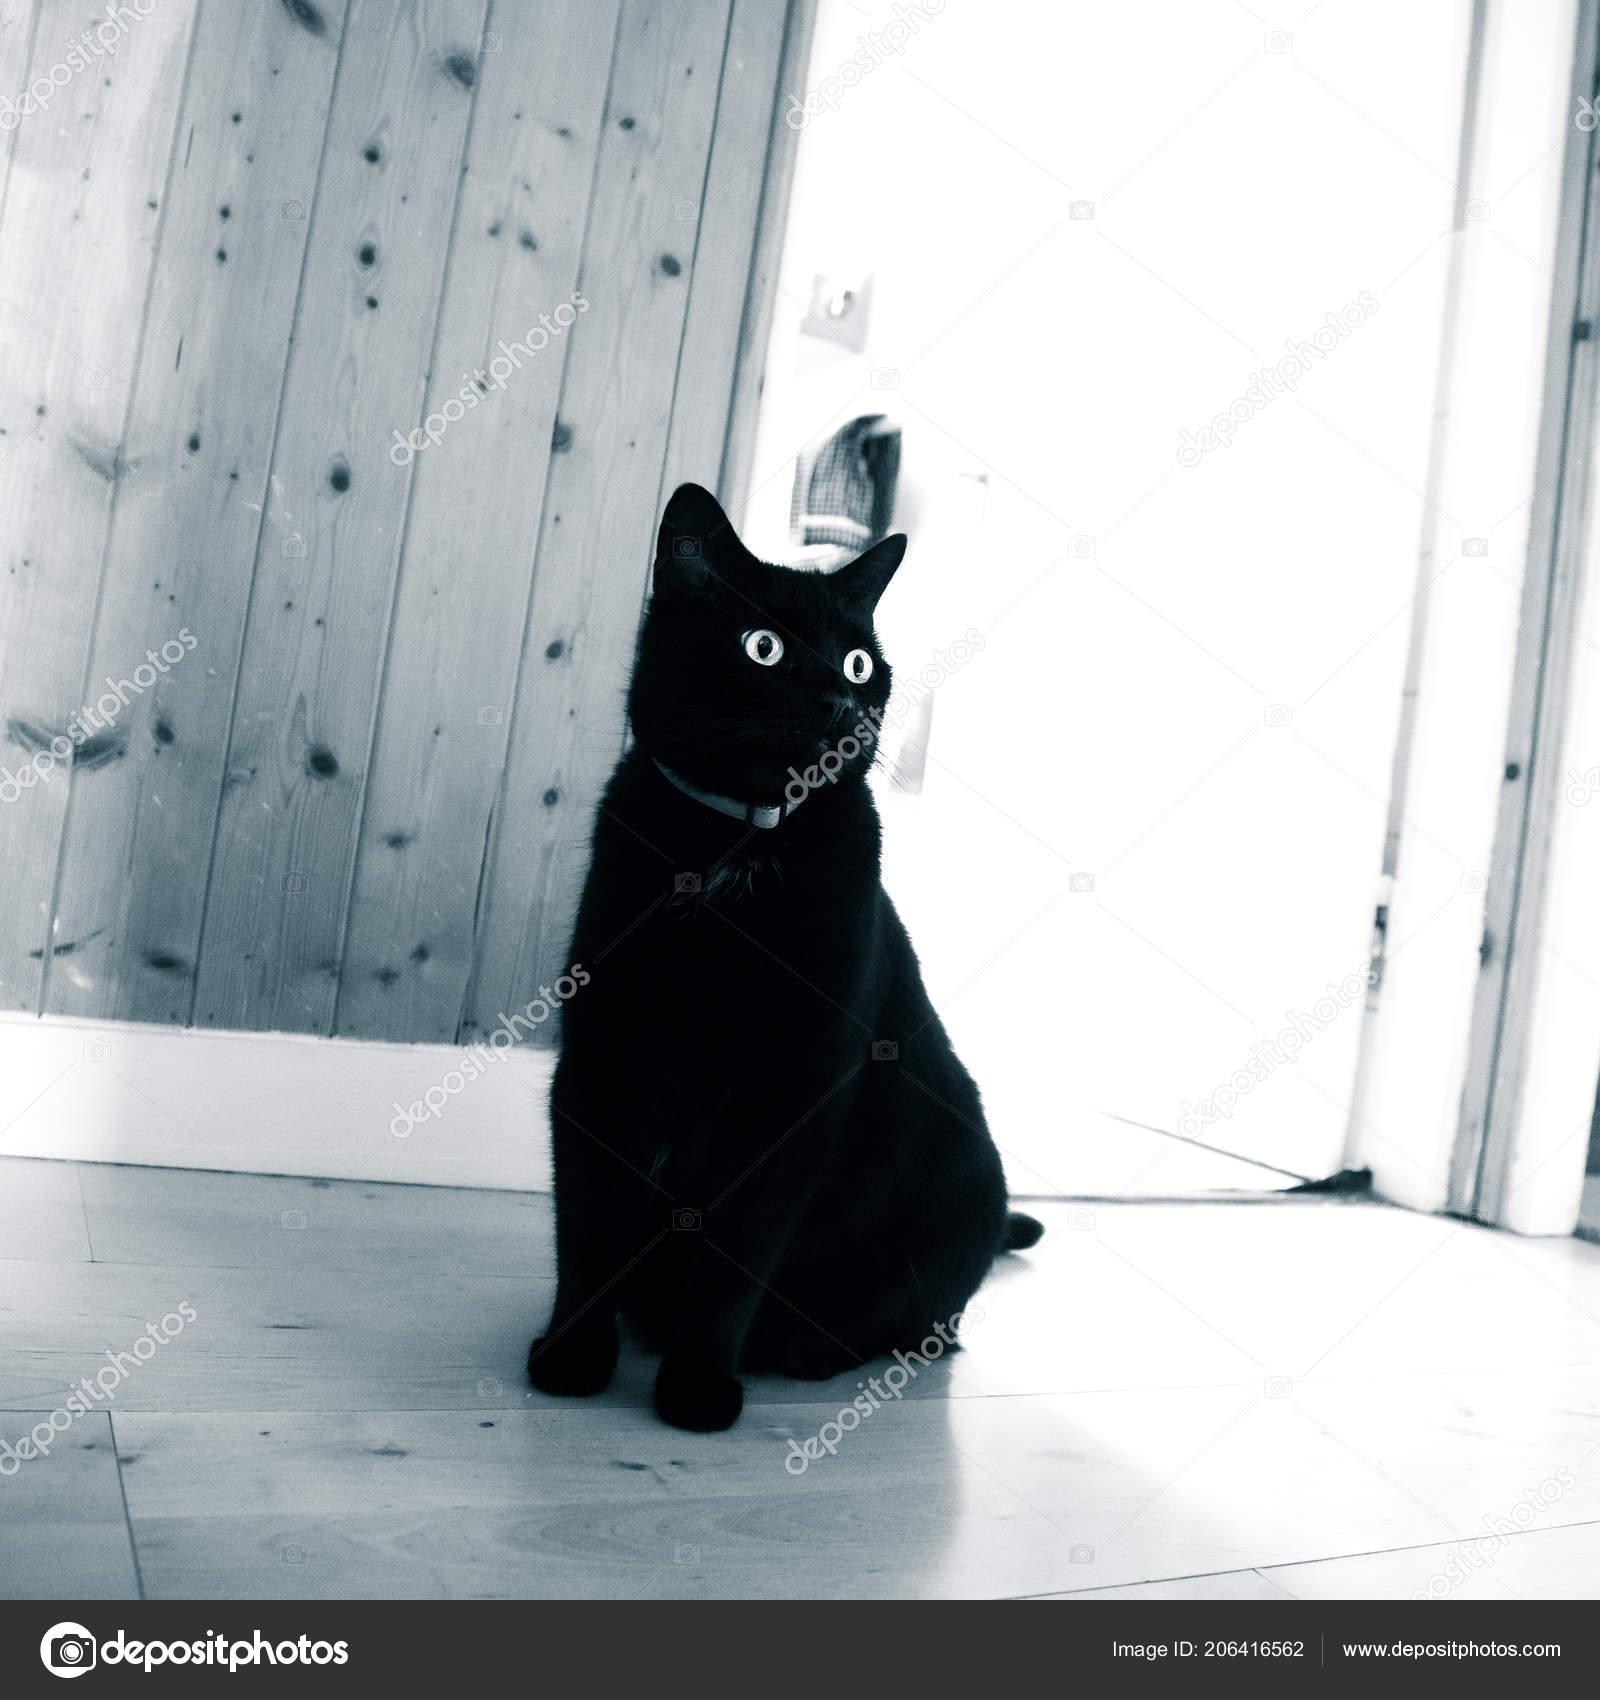 Barva tělová, černá kočka. Další tajná kapsa, vhodná k uložení dokladů nebo klíčů, je všita uvnitř tašky.